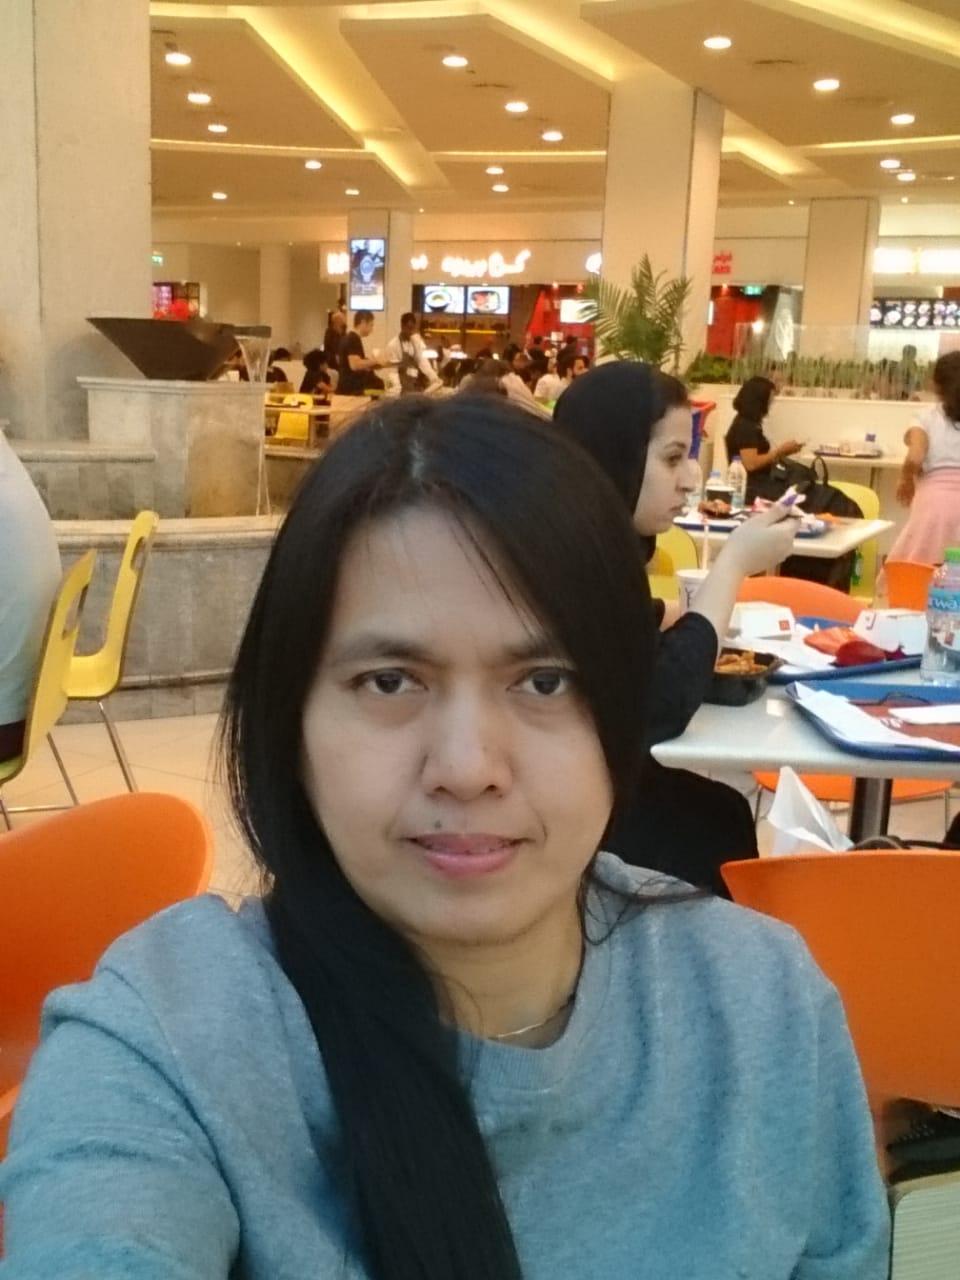 Arlene movie photo_IM_2020031807074995.jpg